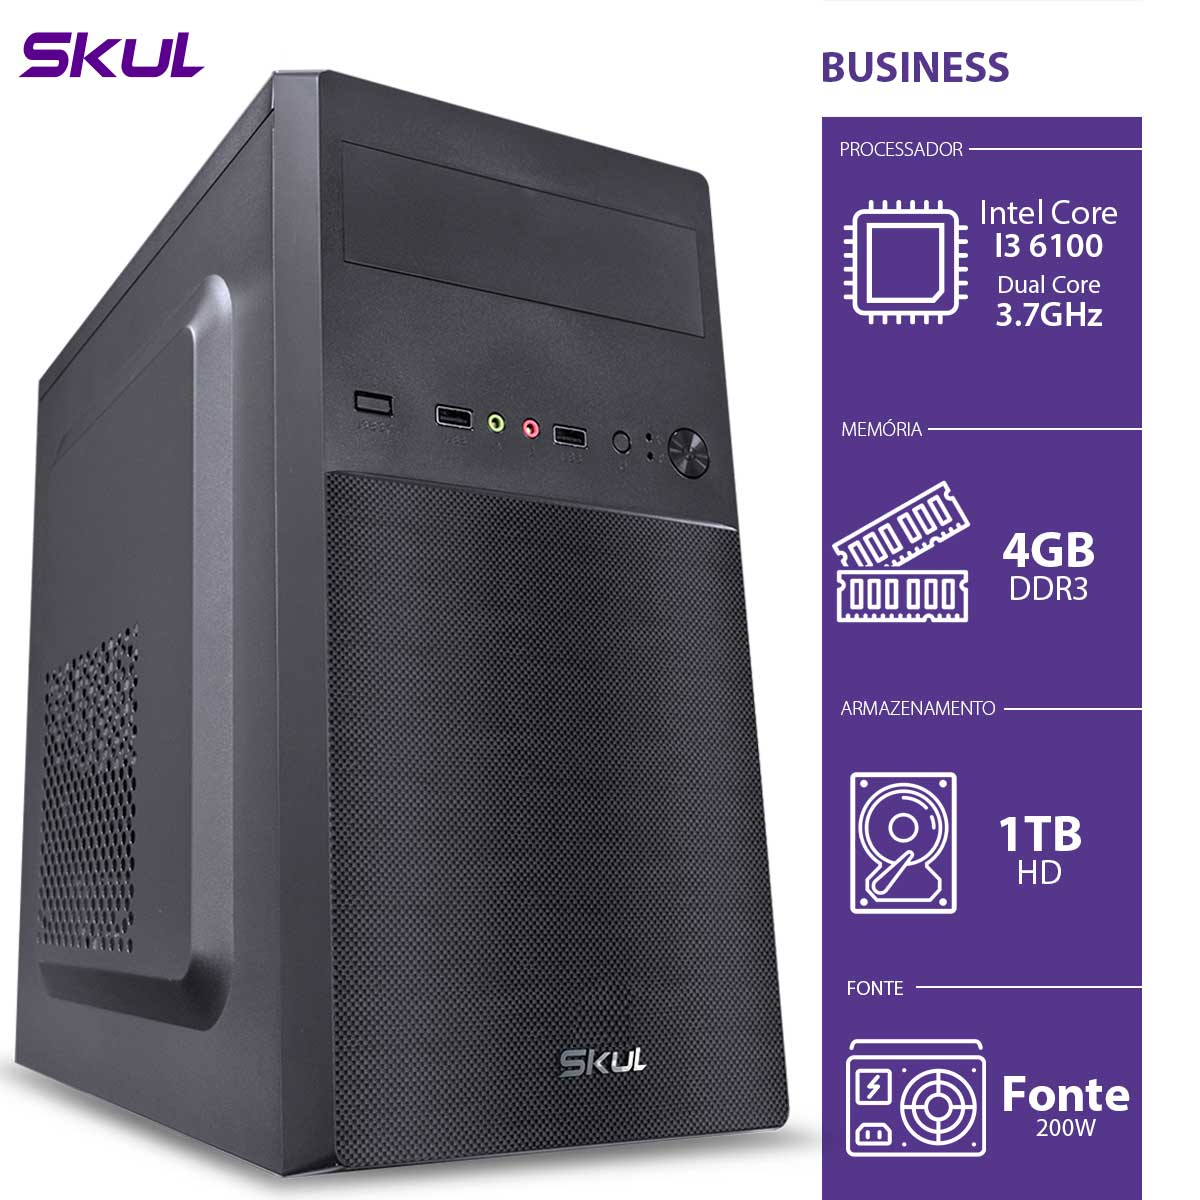 Computador Business B300 - I3-6100 3.7GHZ 4GB DDR3 HD 1TB HDMI/VGA Fonte 200W